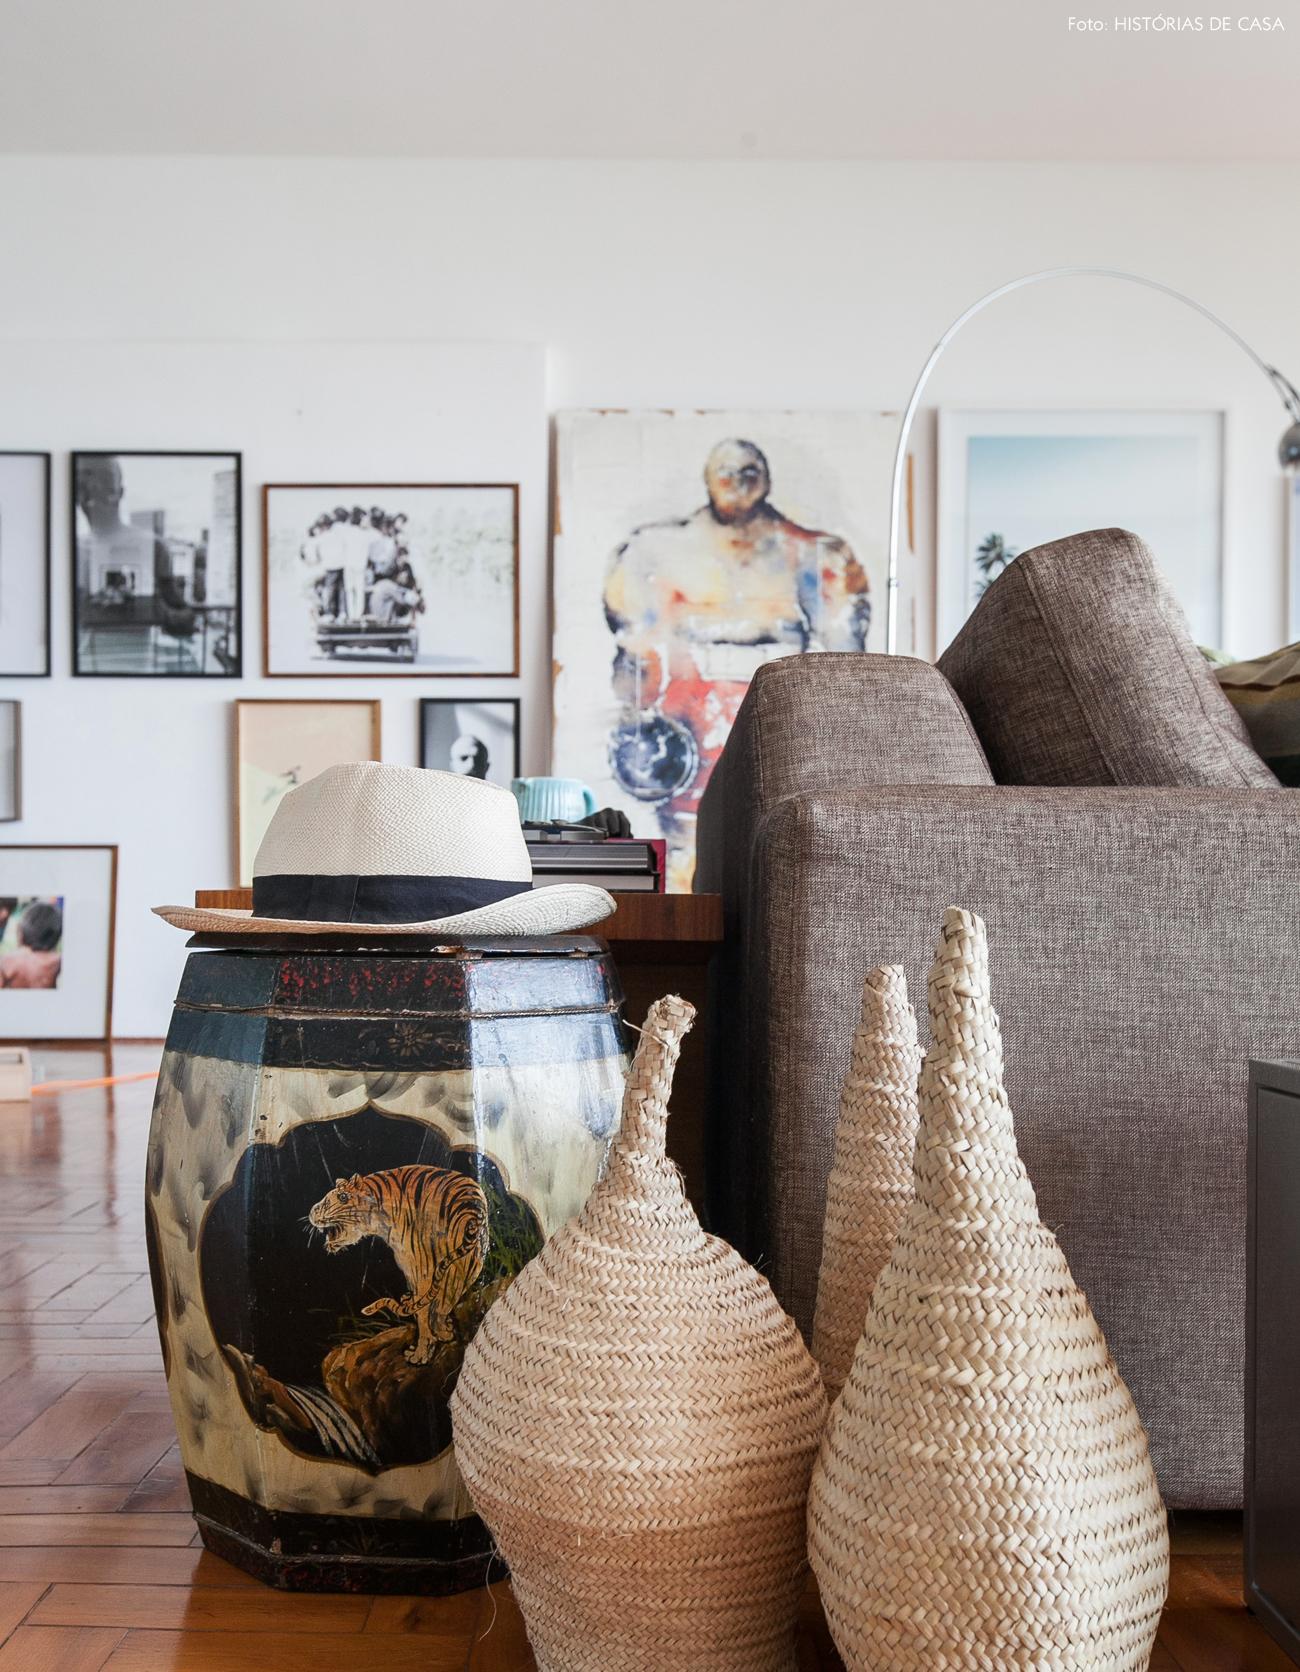 08-decoracao-sala-estar-cestos-fibra-artesanal